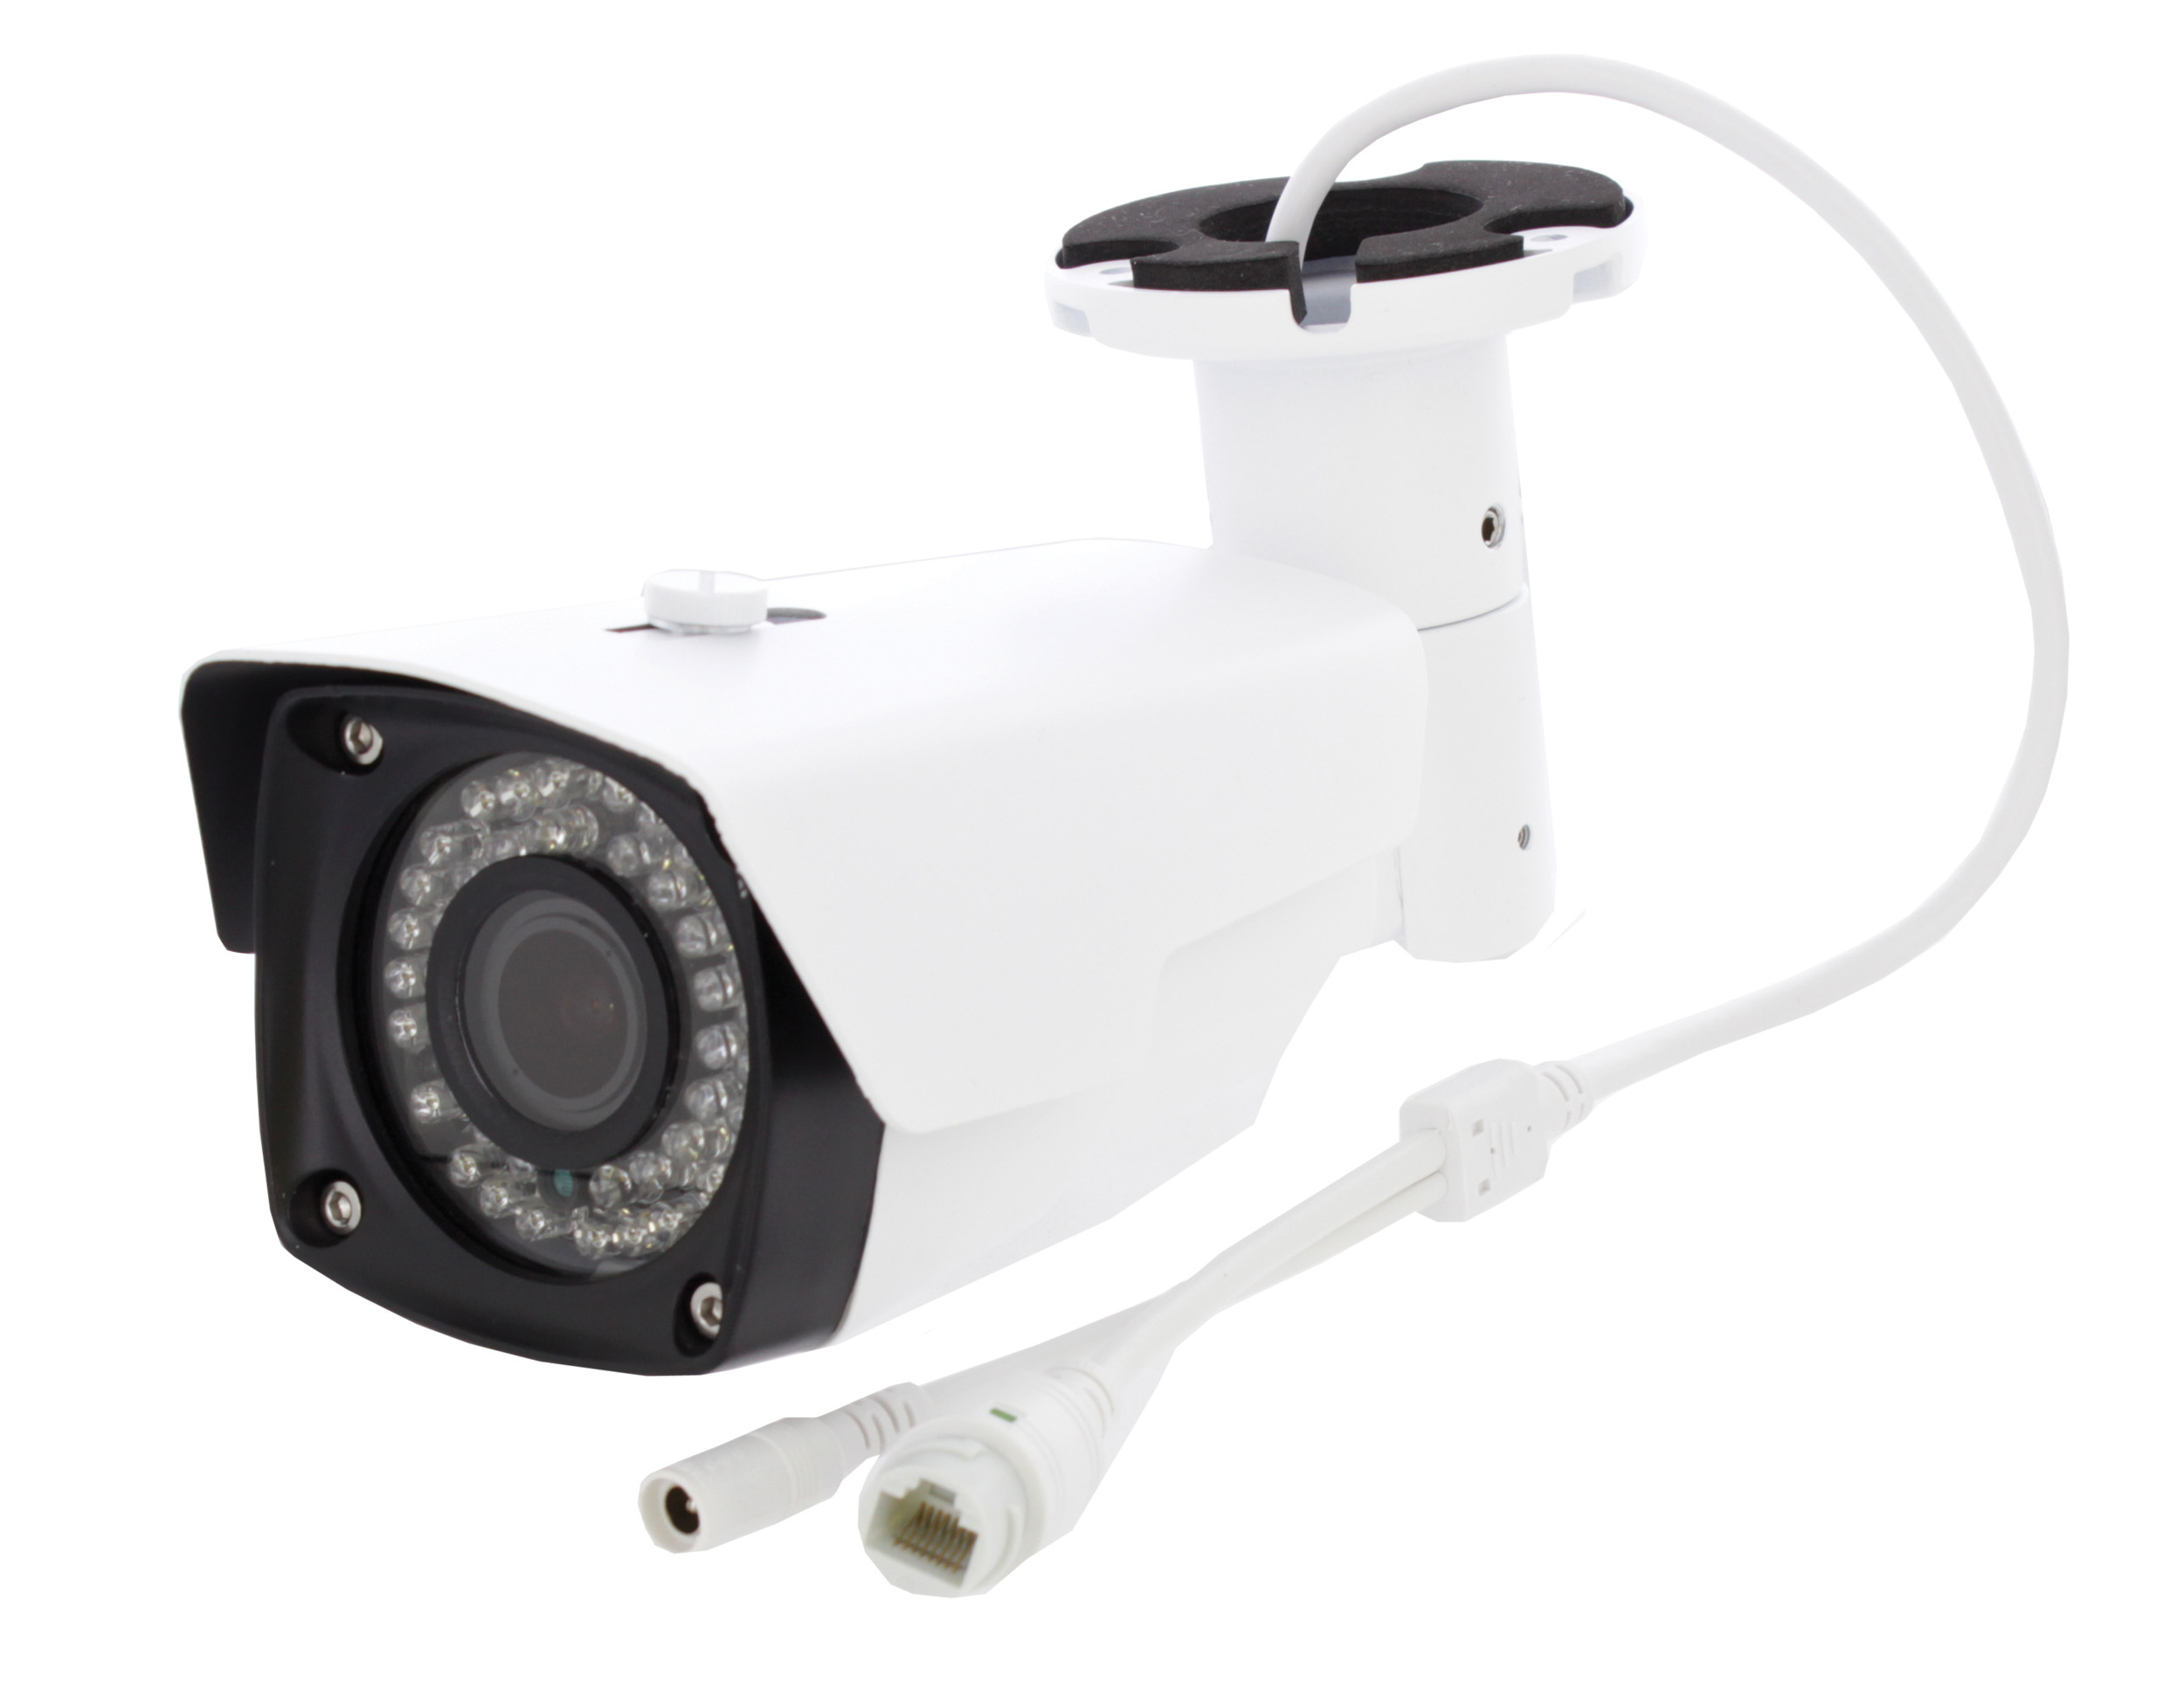 Przewody podłączeniowe zewnętrznej kamery IP IP2302FULLHD